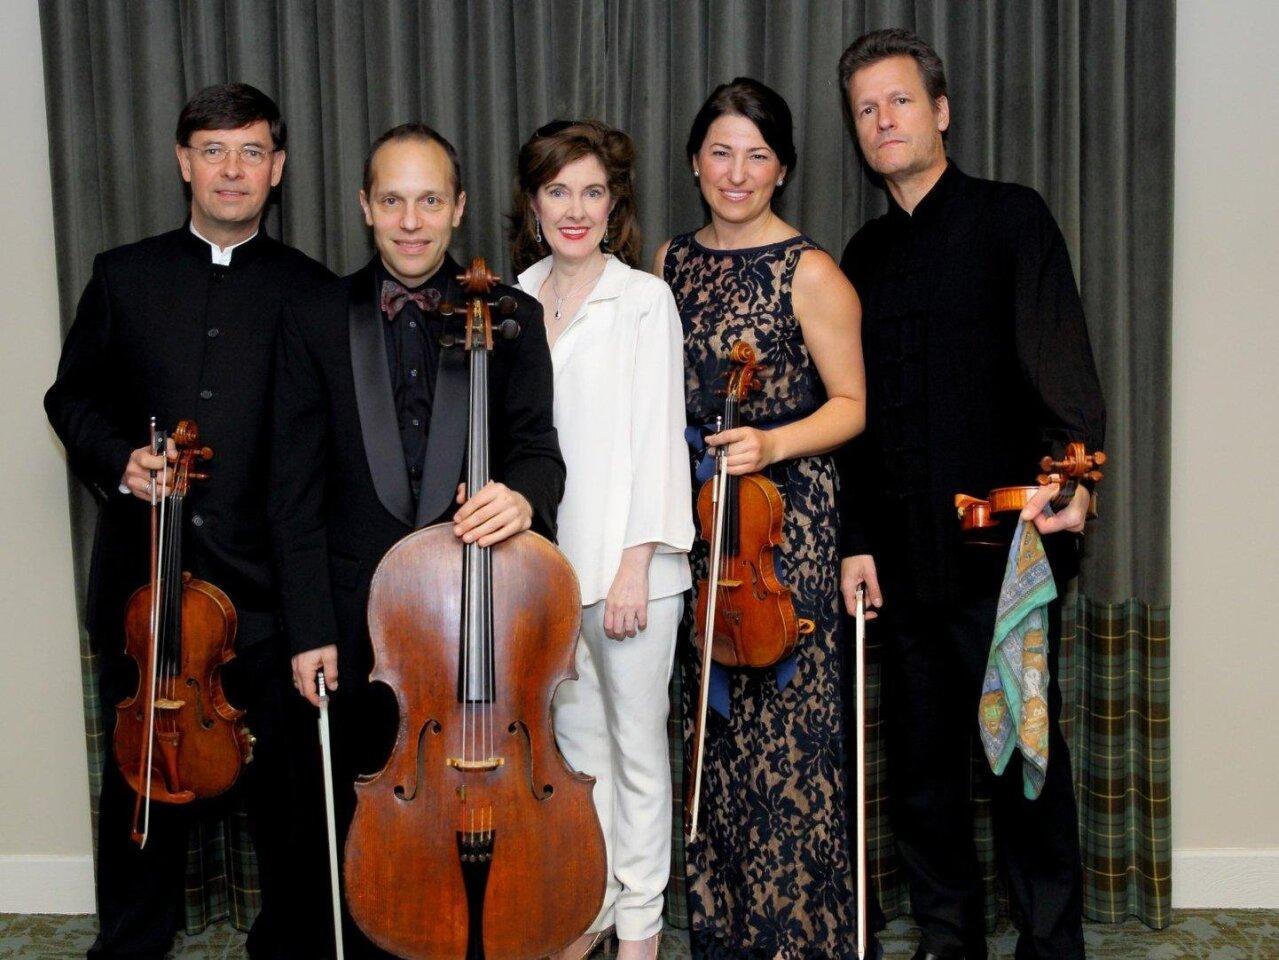 Guest musicians Roberto Diaz, Christopher Costanza, Anne-Marie McDermott, Amy Schwartz Moretti, Geoff Nuttall